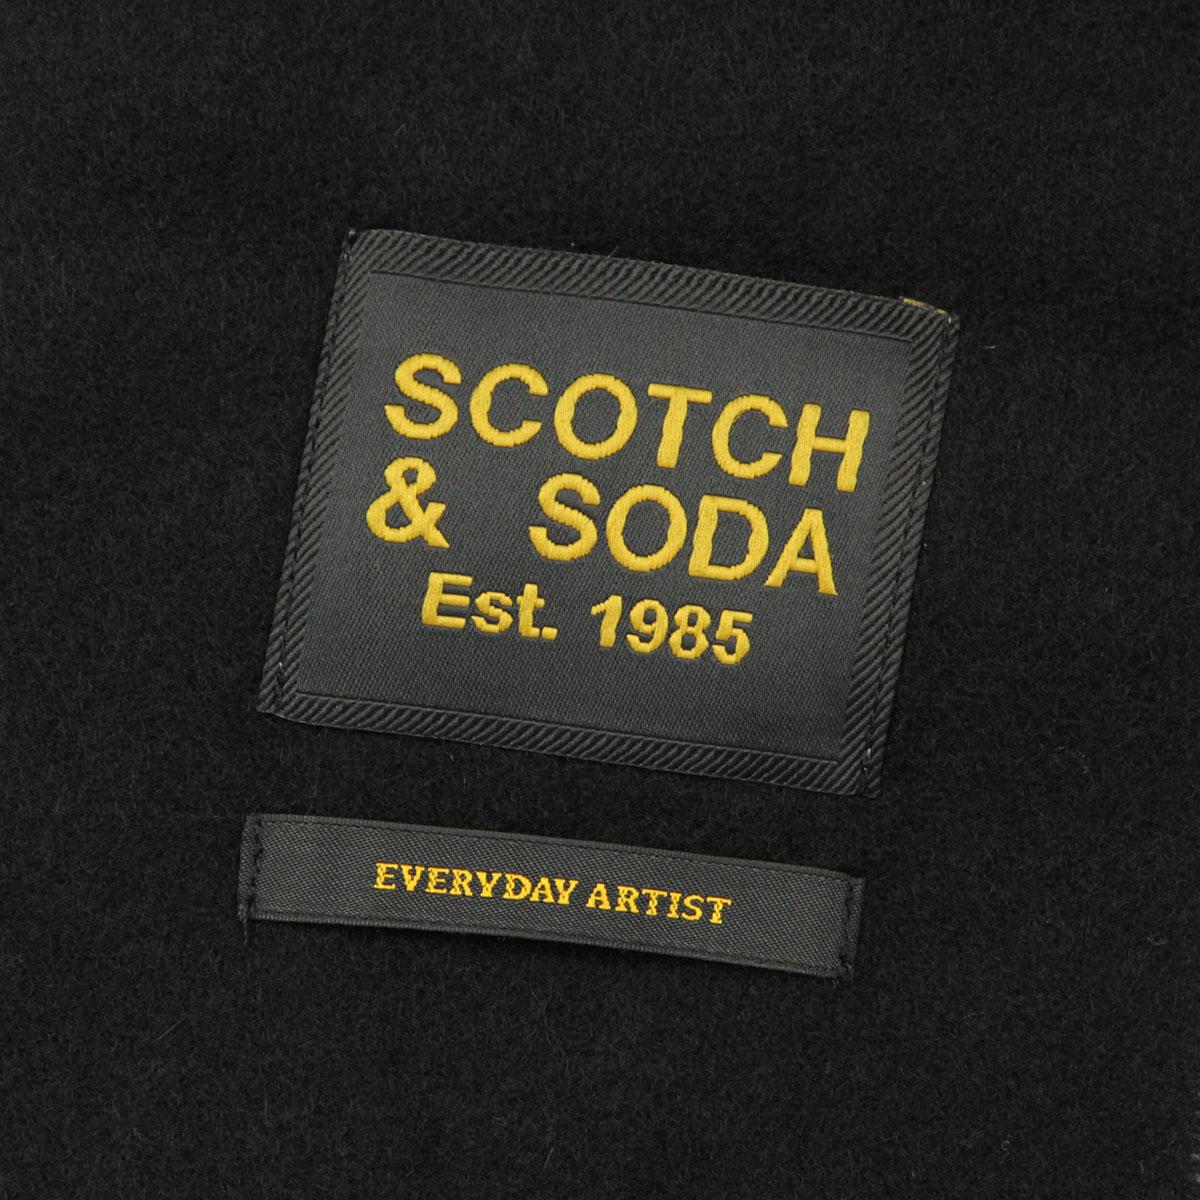 scotch_soda_16